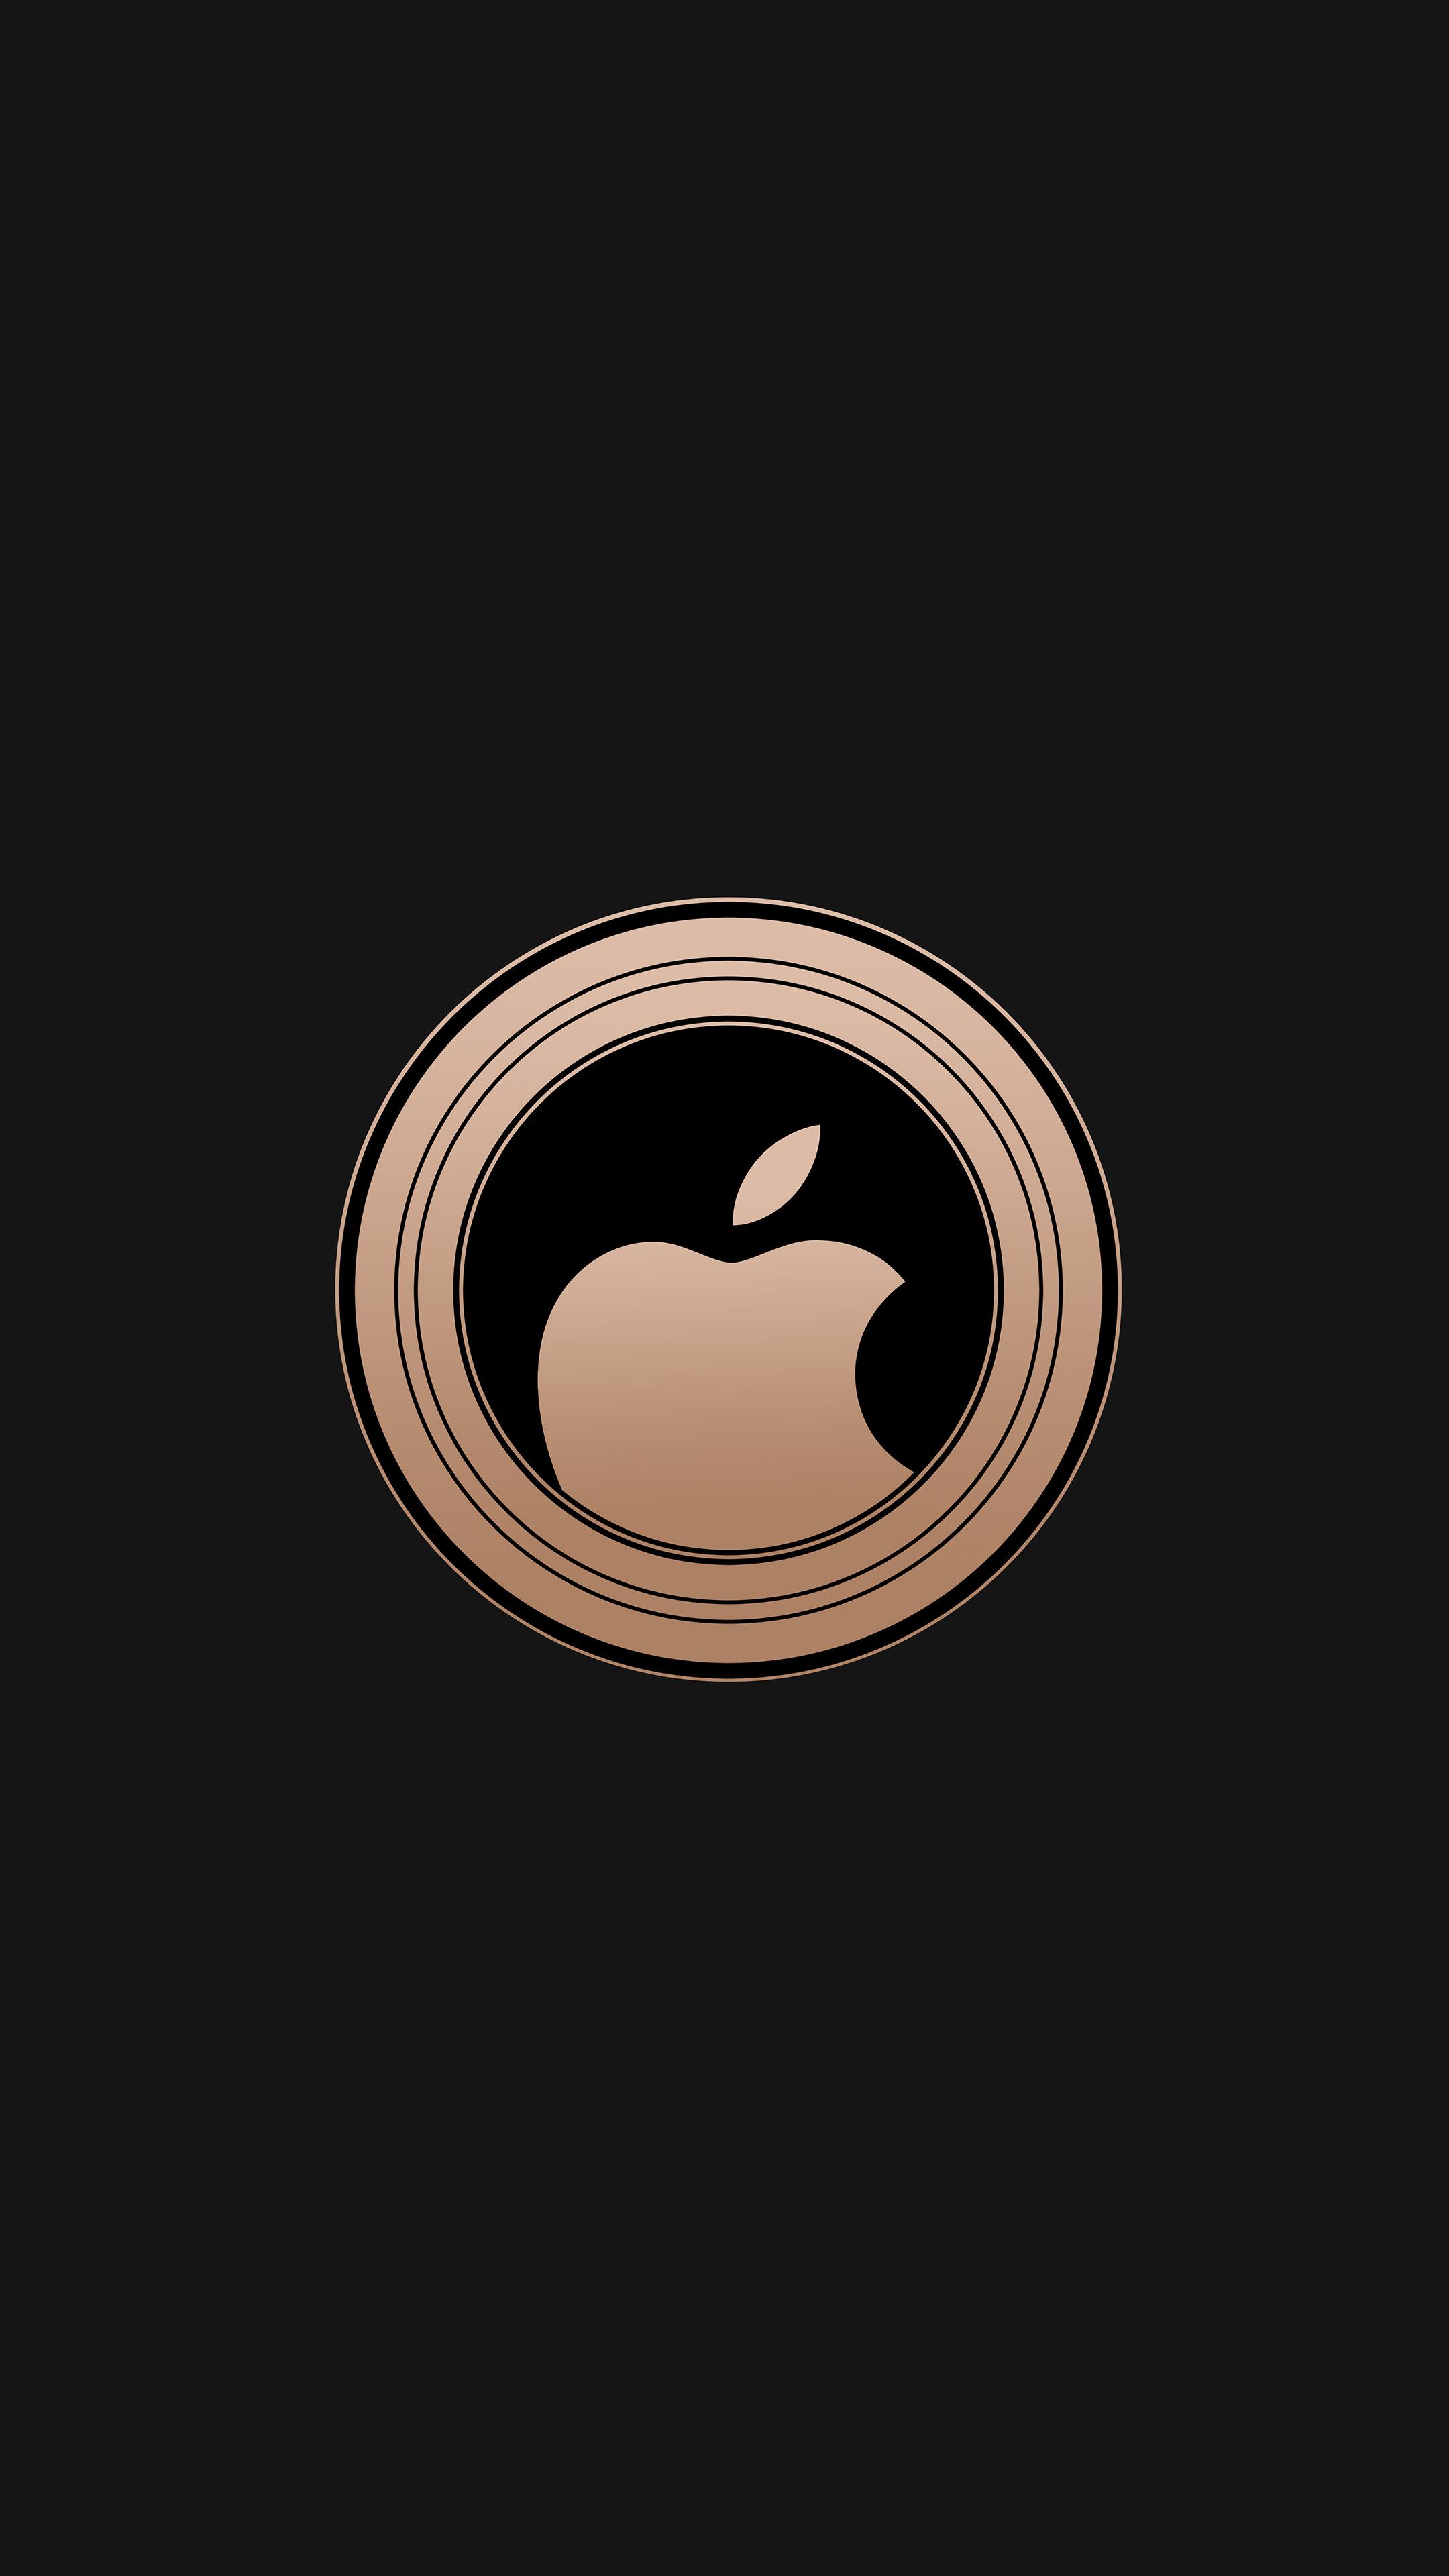 Ảnh nền 4k dành cho điện thoại - Logo quả táo cắn dở